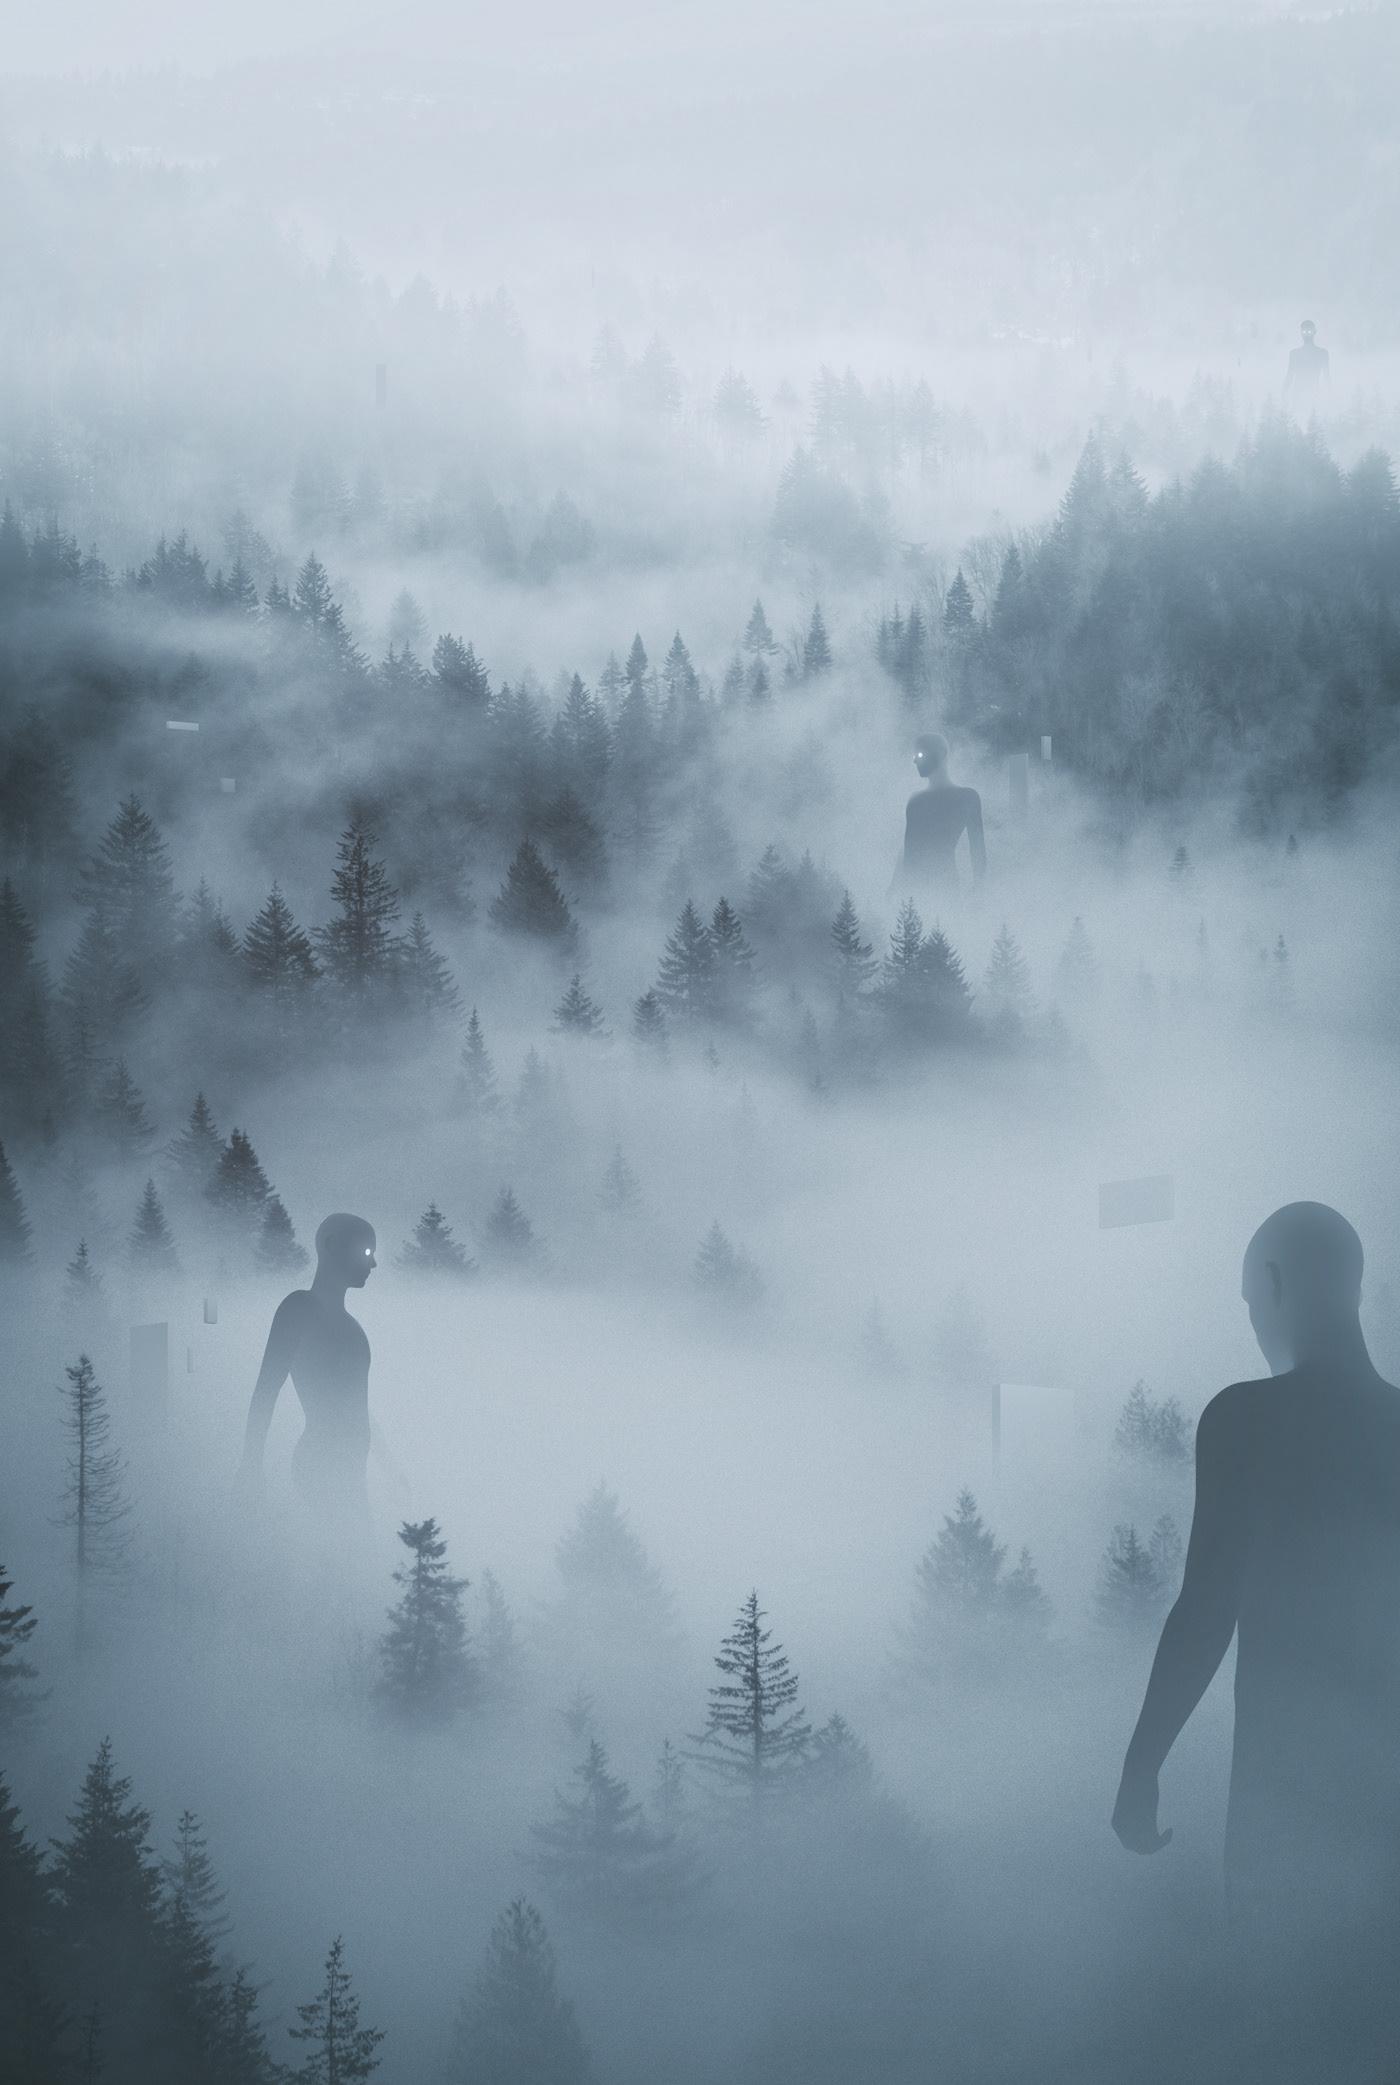 картинки все как в тумане маркой